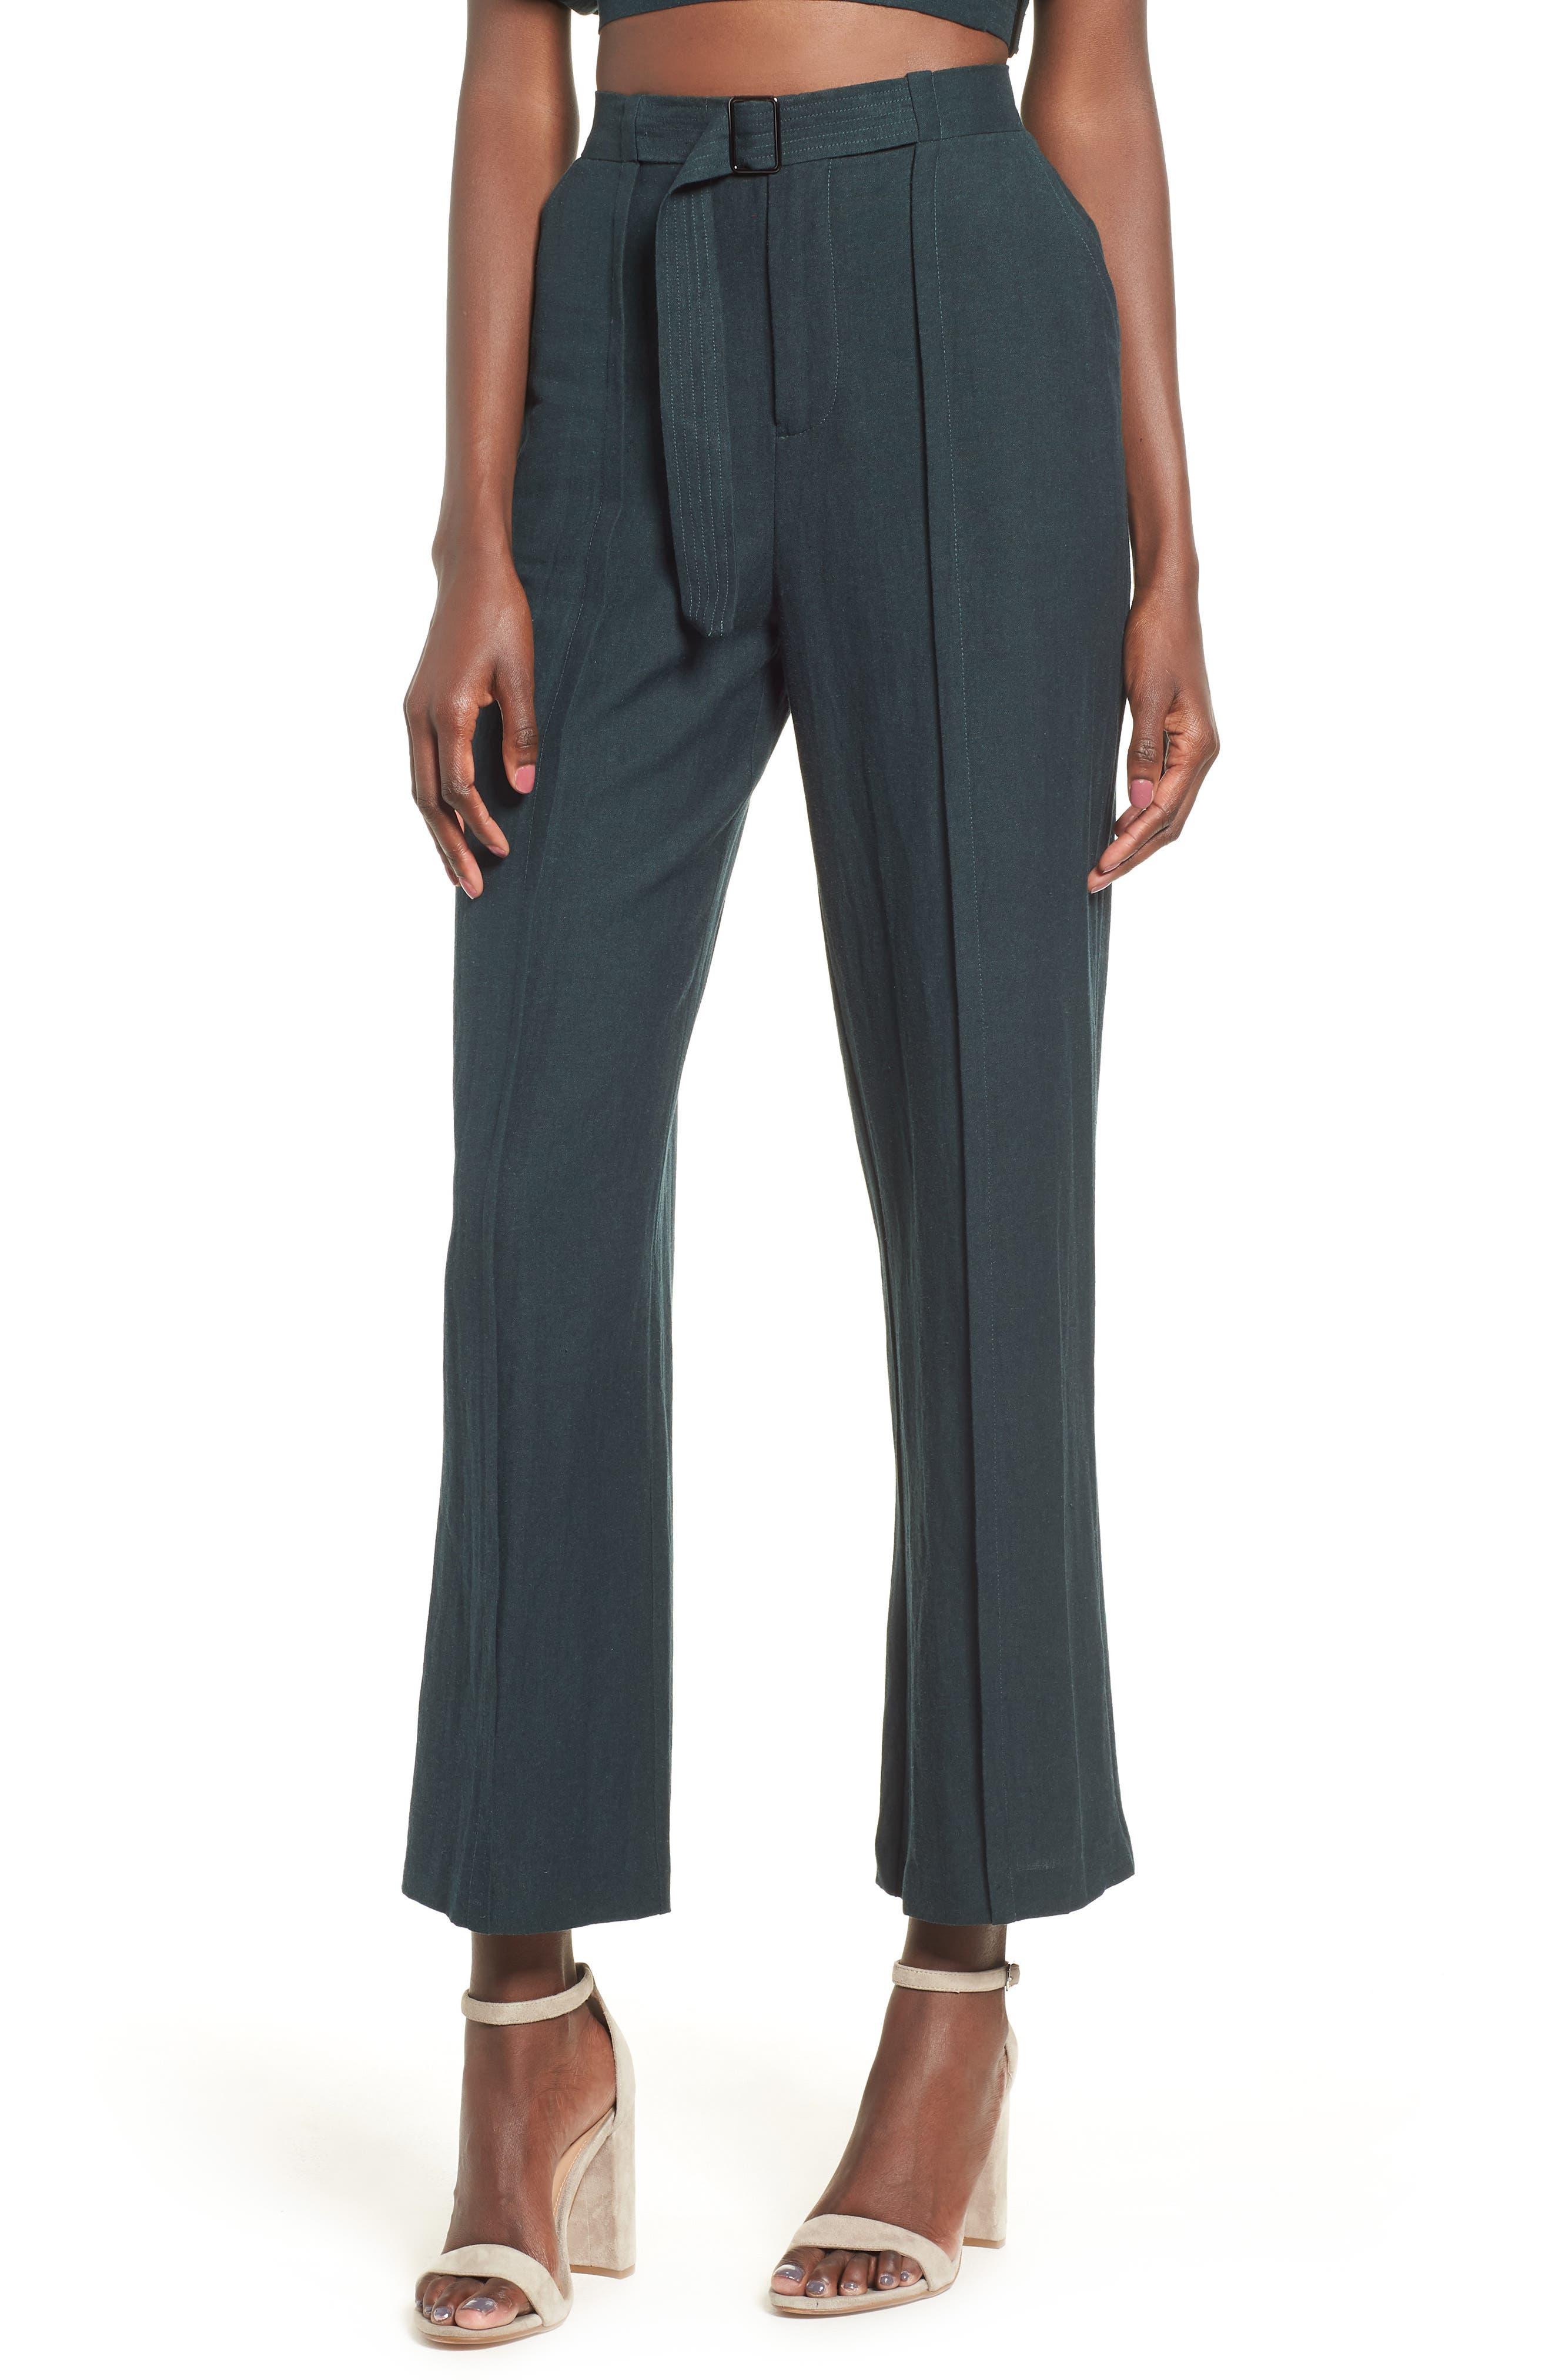 9335e1340eb6c1 Marika Curves Addison Capri Leggings (Plus Size) - Relaxed Fit Pants ...